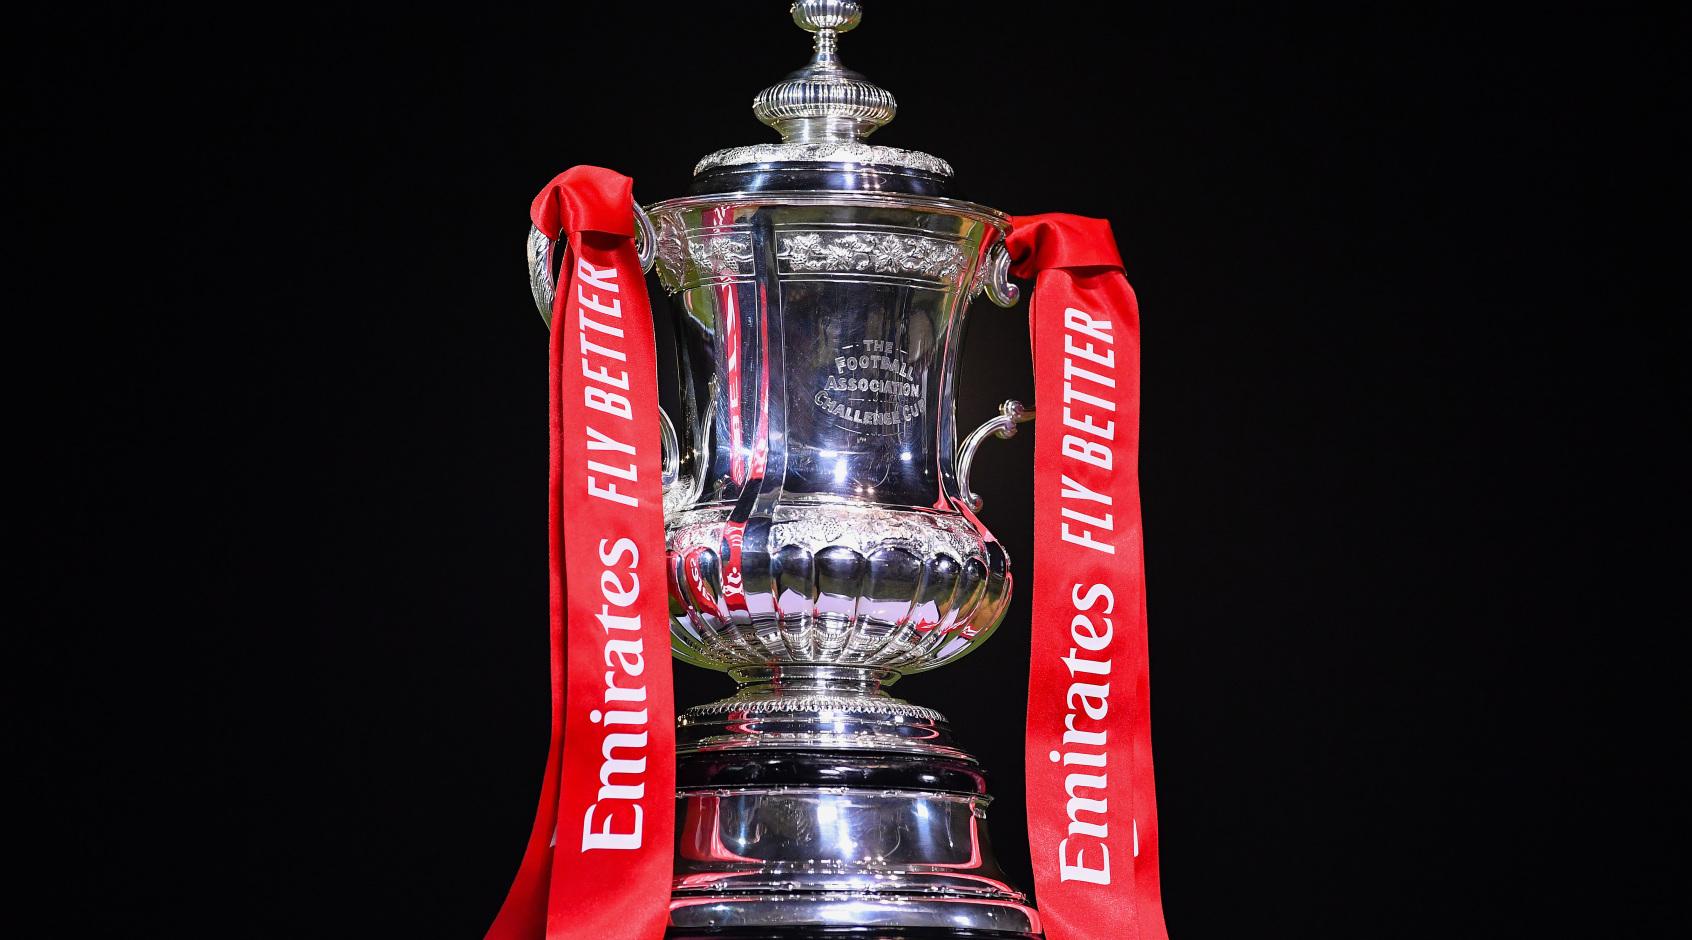 Кубок Англии: Обамеянг уронил трофей (Фото, Видео)